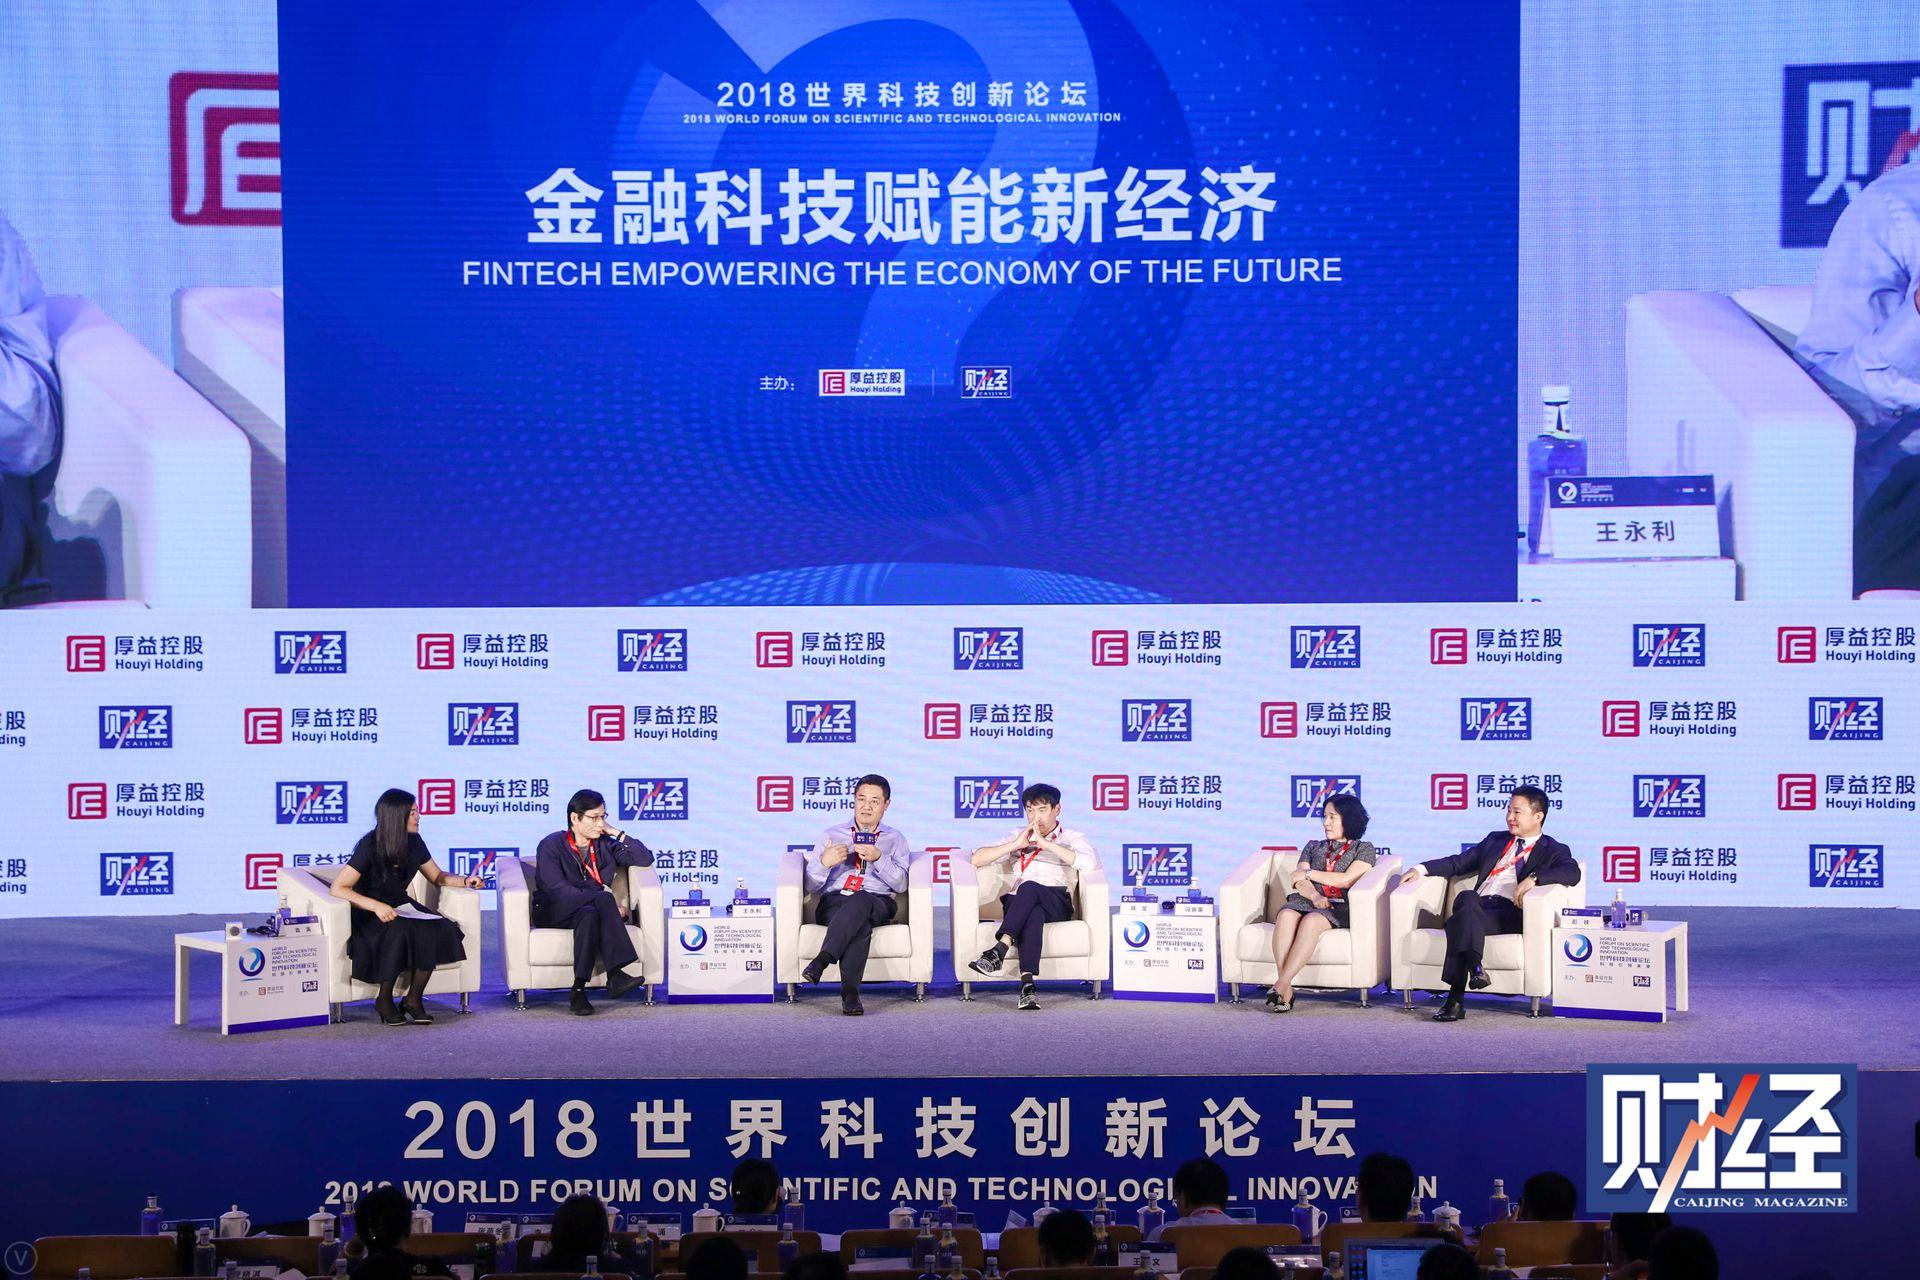 全球大会七:金融科技赋能新经济